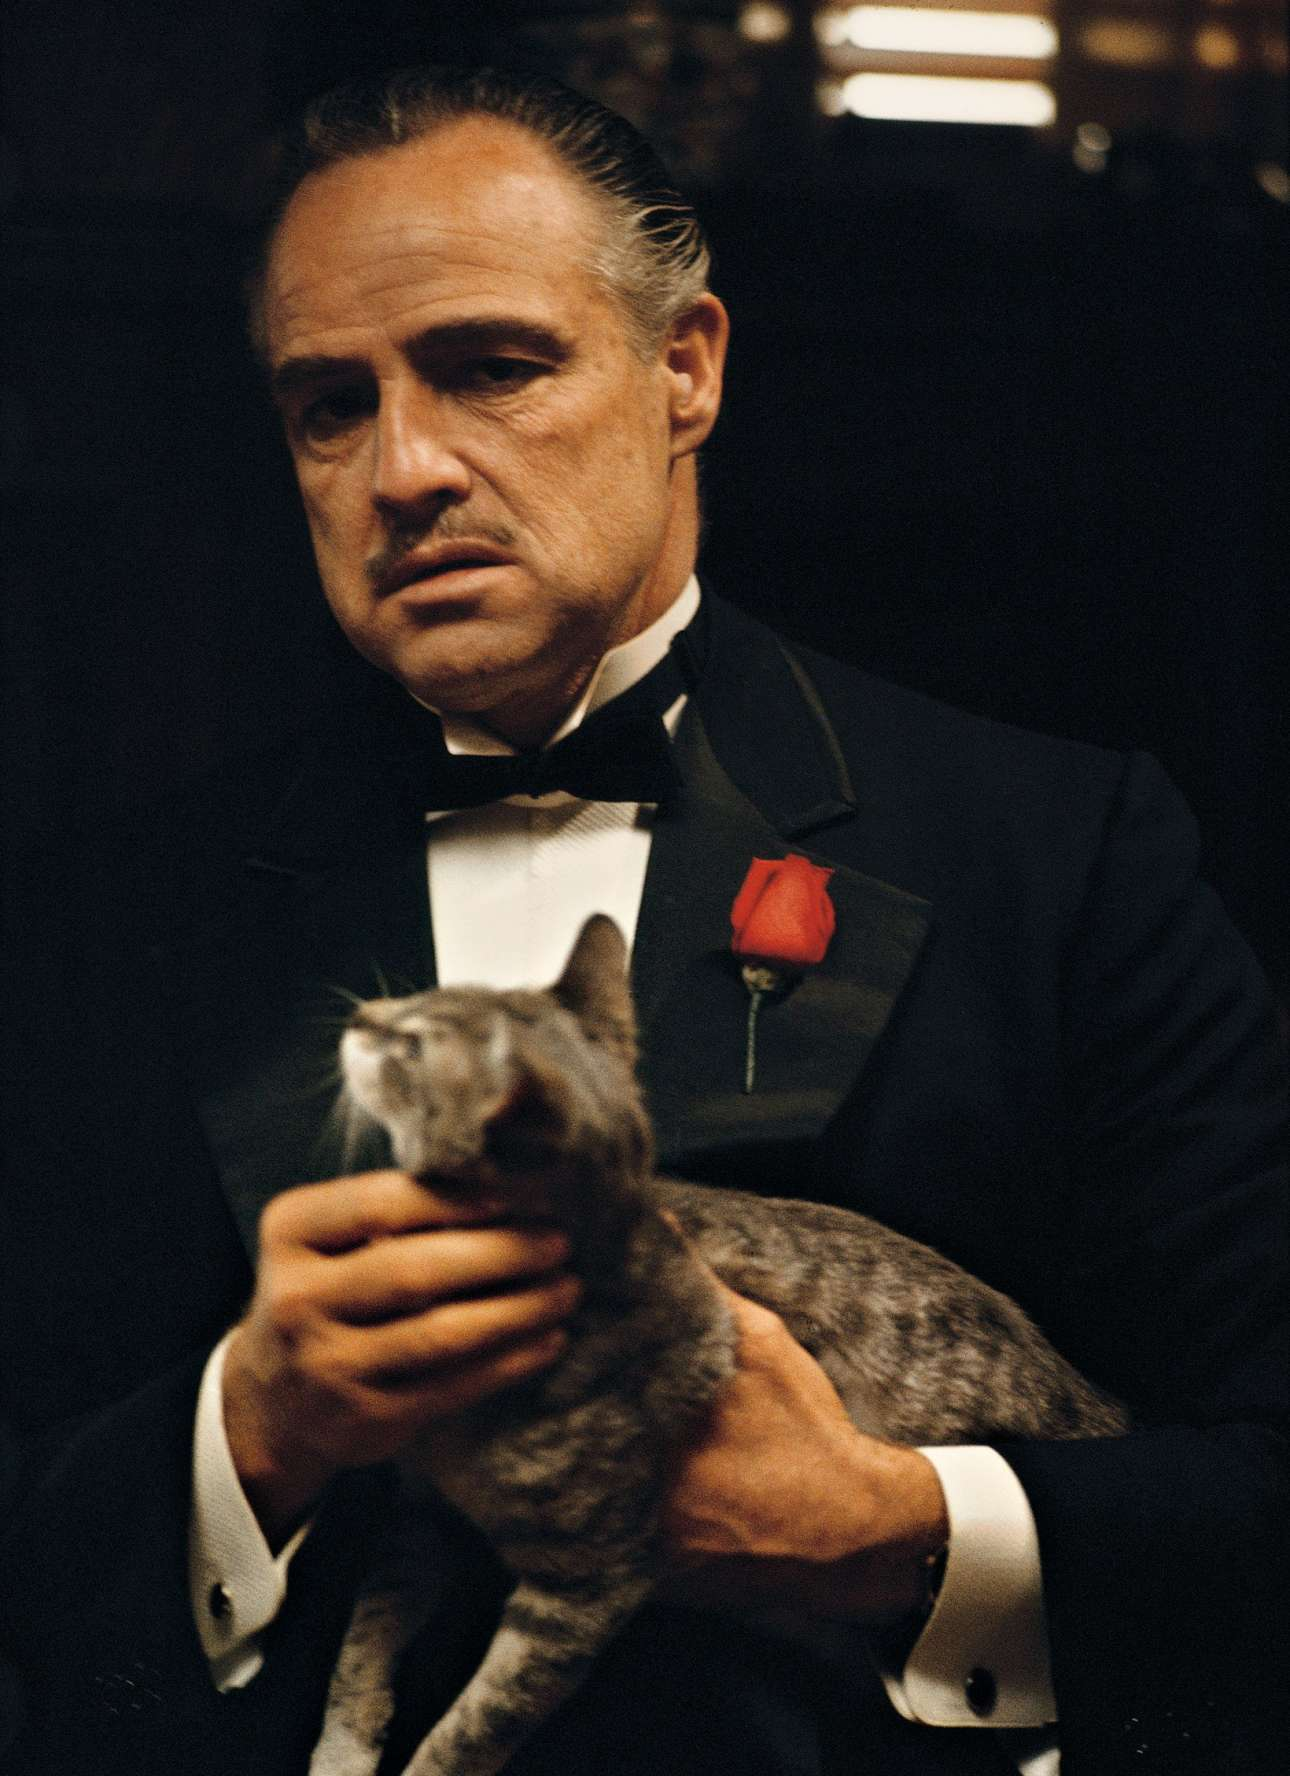 O Μάρλον Μπράντο στην εναρκτήρια σκηνή του «Νονού» (1972) του Φρανσις-Φορντ Κόπολα. Η γάτα ήταν μια αδέσποτη που είχε βρει ο σκηνοθέτης να τριγυρνά στα στούντιο της Paramount. Δεν υπήρχε στο σενάριο, αλλά θεωρήθηκε -και πολύ σωστά- ότι θα προσέθετε κάτι στον χαρακτήρα του Ντον Κορλεόνε